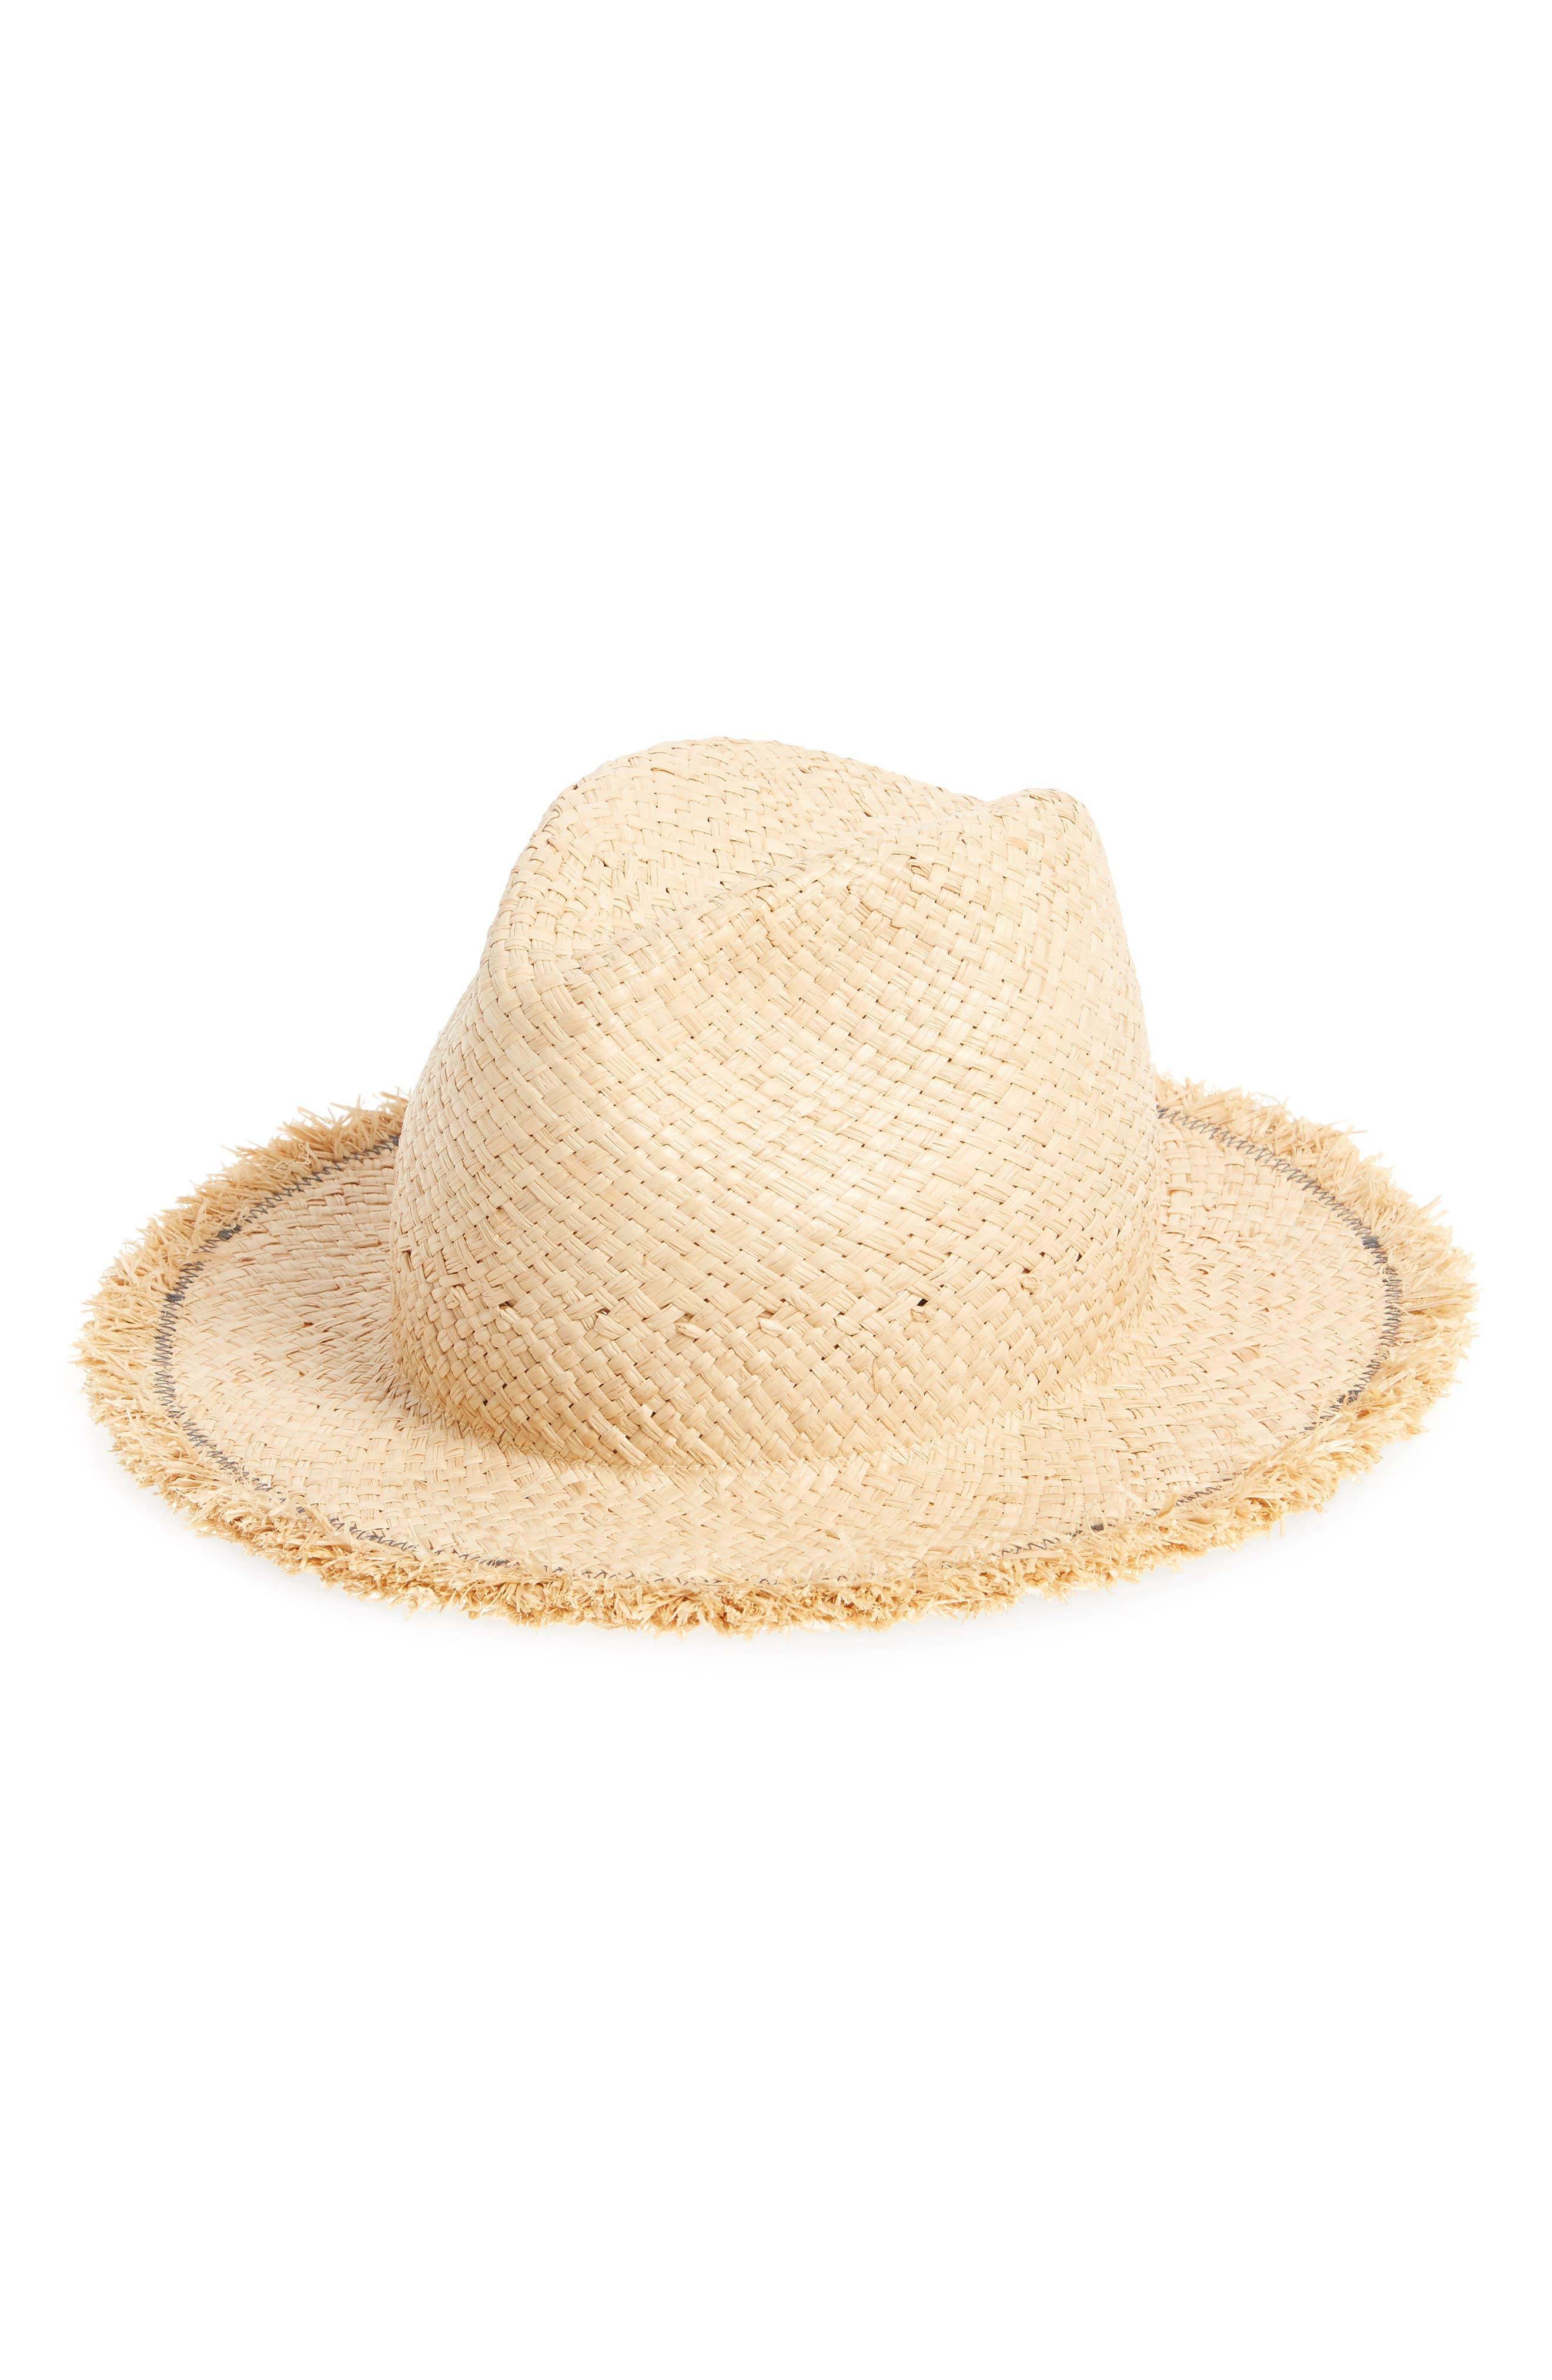 Dad's Straw Hat,                             Main thumbnail 1, color,                             NATURAL